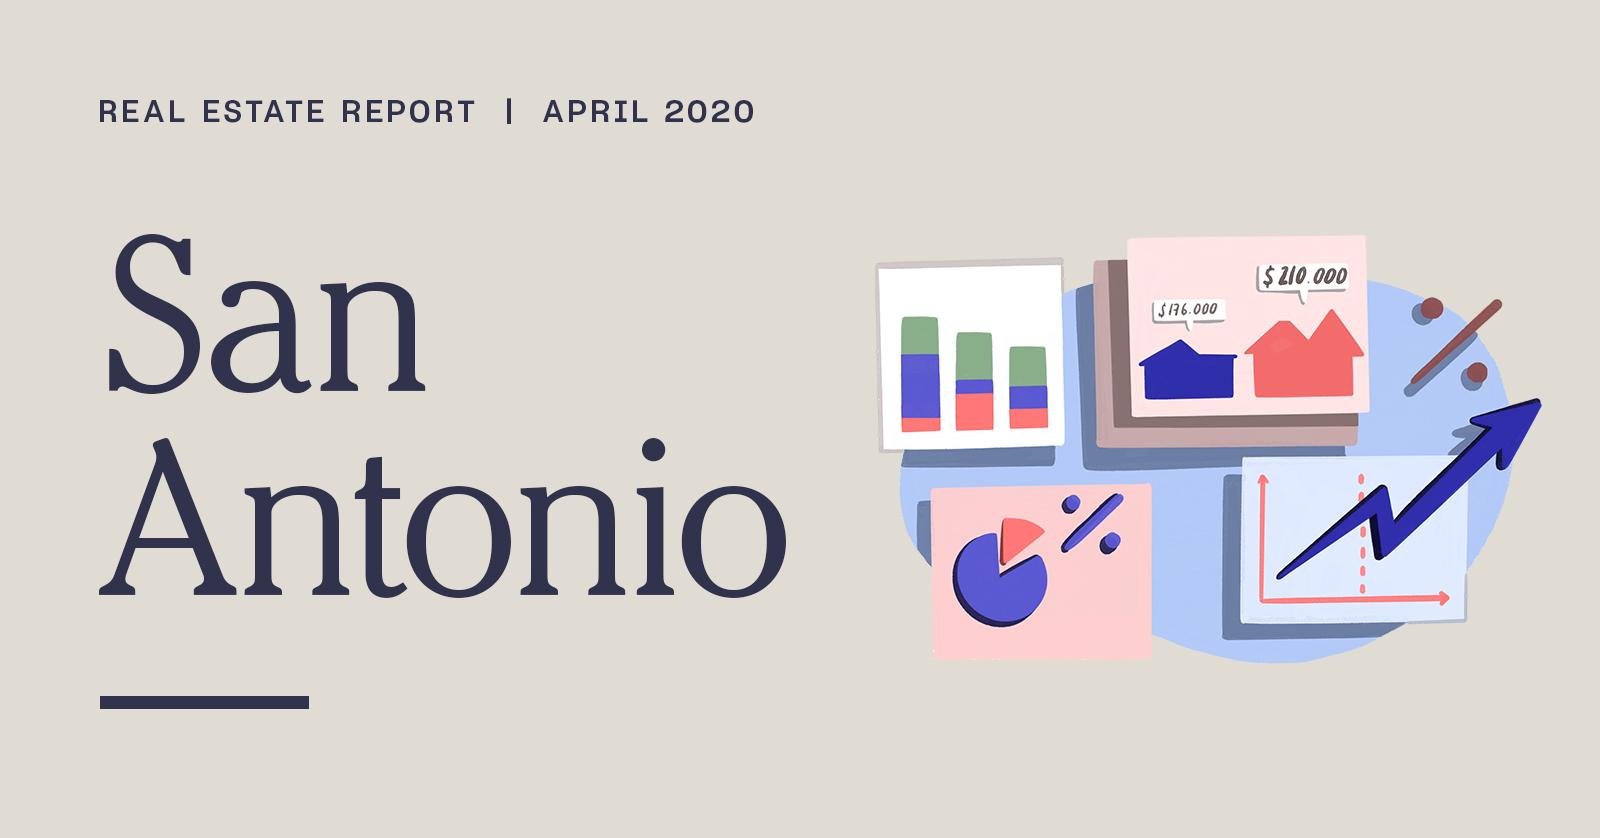 San Antonio Real Estate Report | April 2020